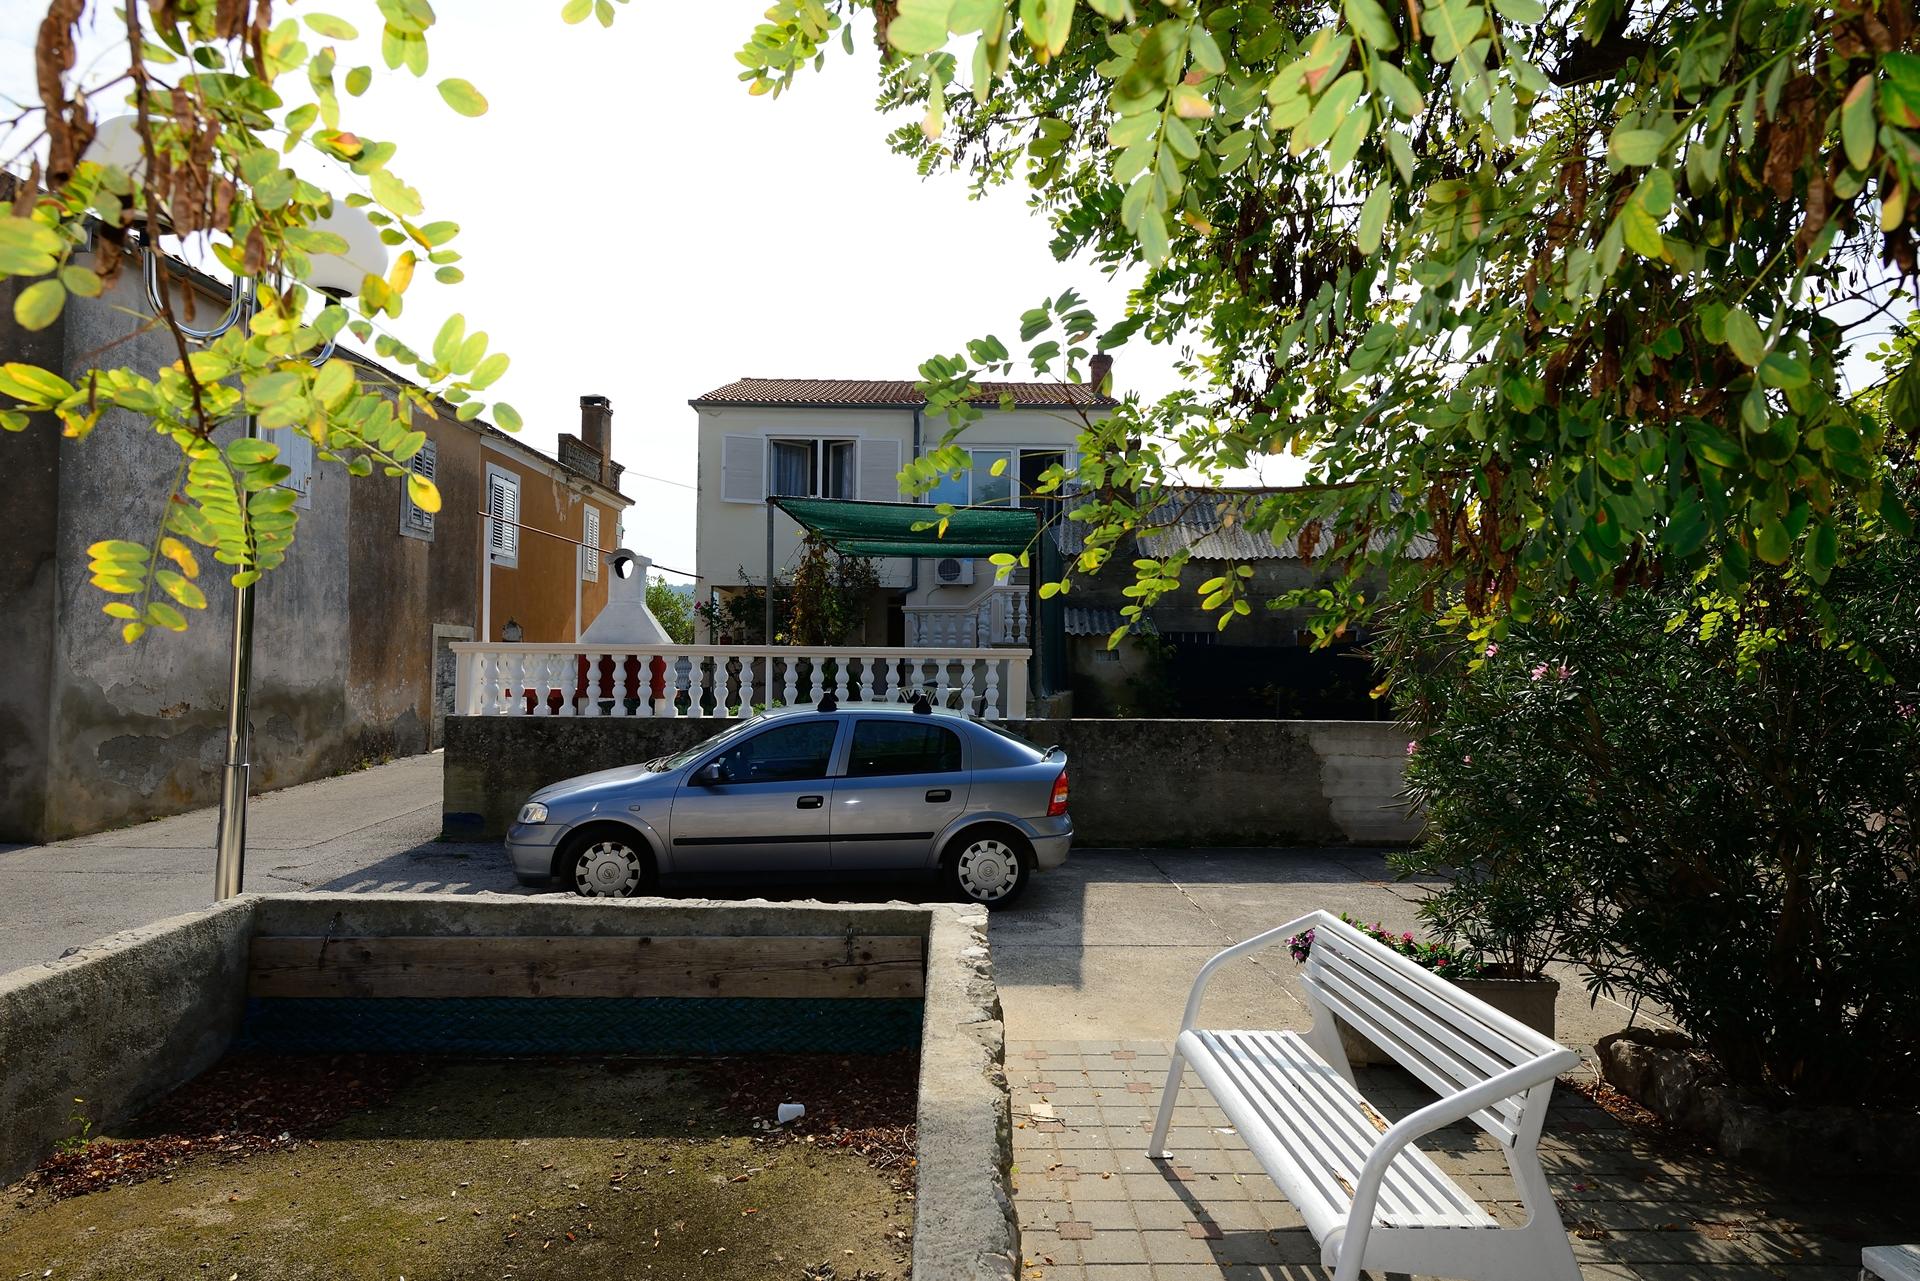 Martin - Lukoran - Vakantiehuizen, villa´s Kroatië - parkeerplaats